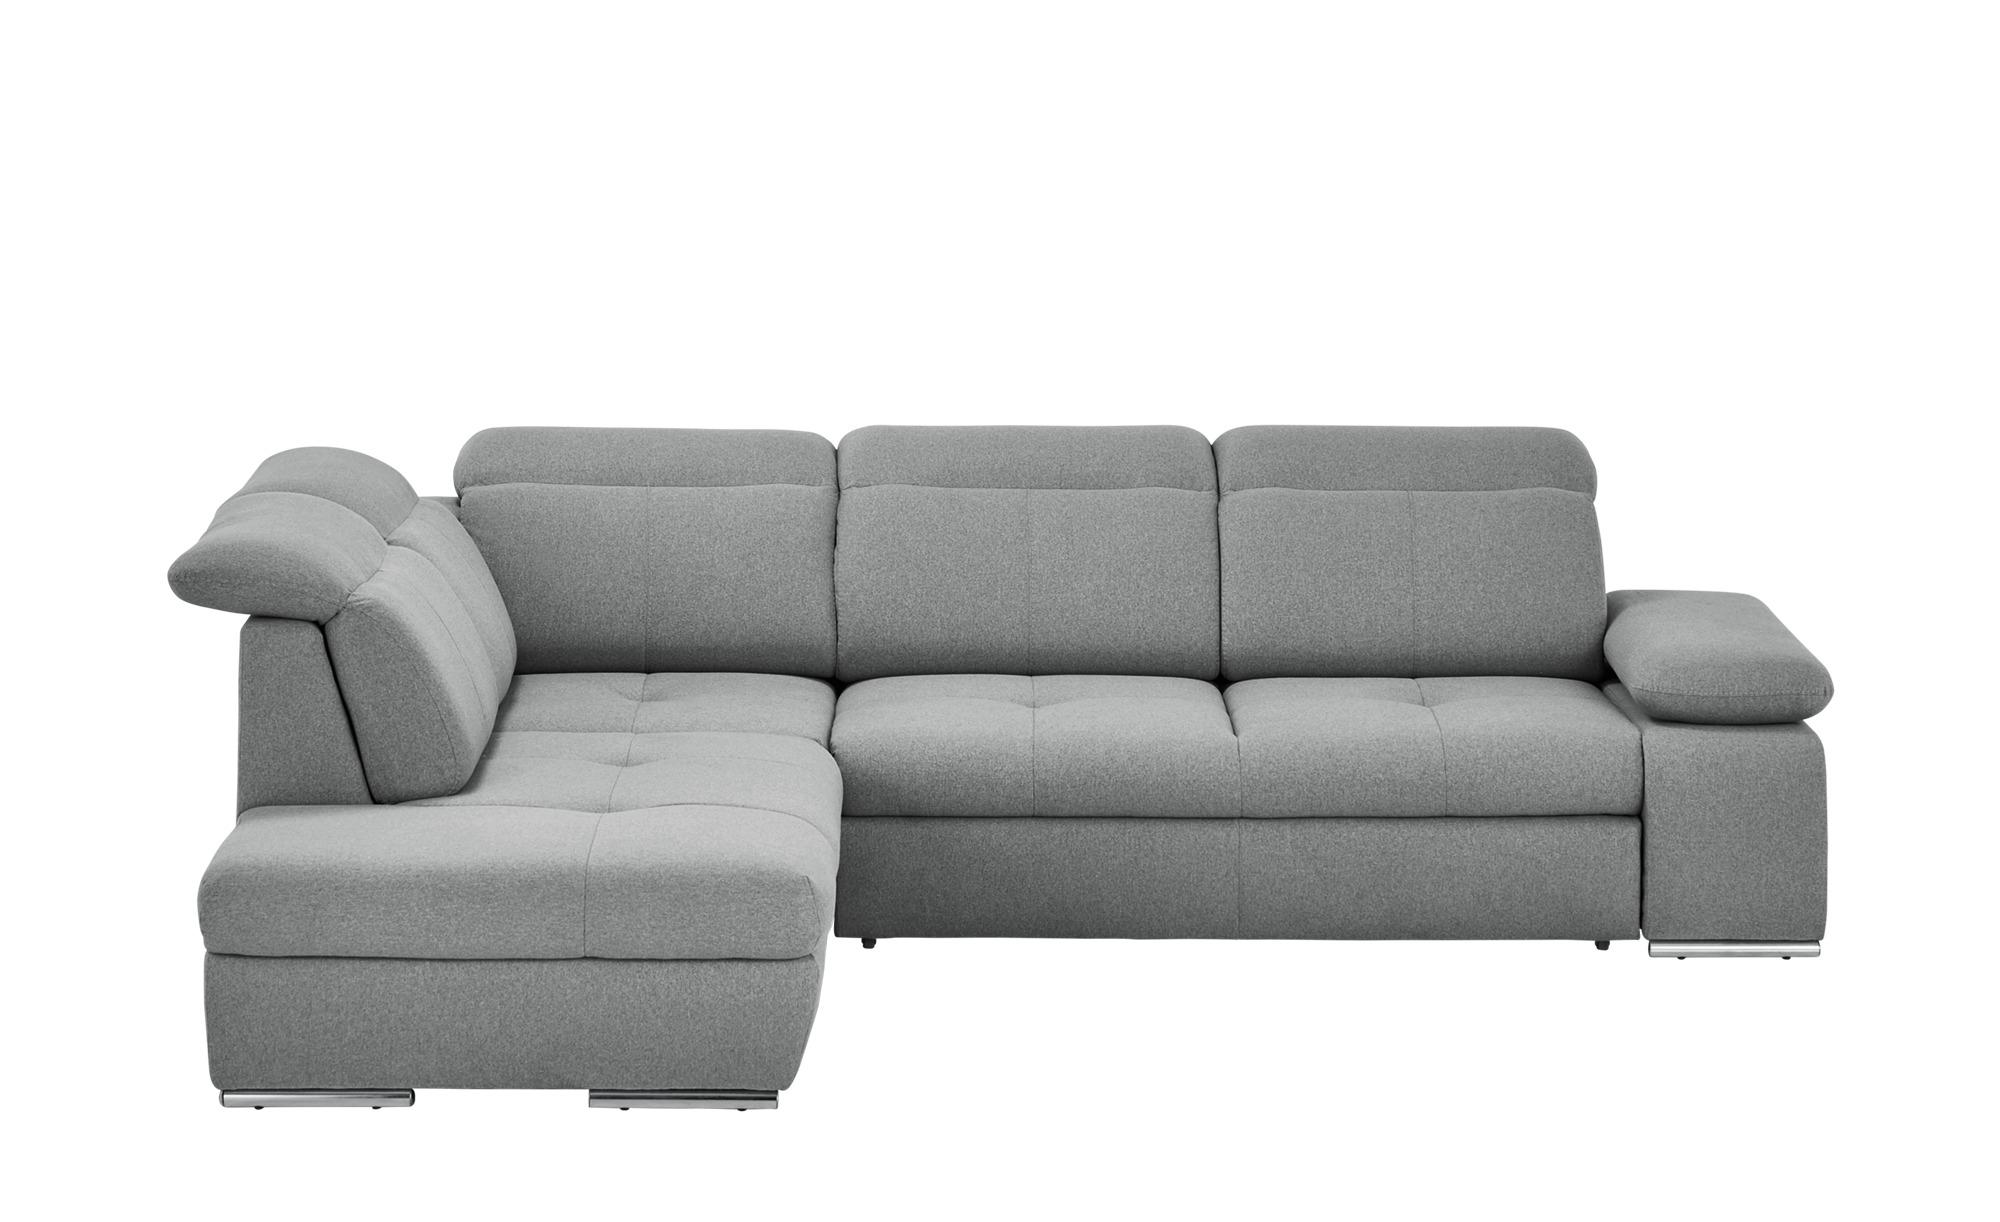 Ledersofa Neu Beziehen Berlin Chesterfield Sofa Leather Design Sofa Bed Sofa Set Online Shopping Uae Wohnzimmer Cou Big Sofa Kaufen Ecksofa Sofa Design